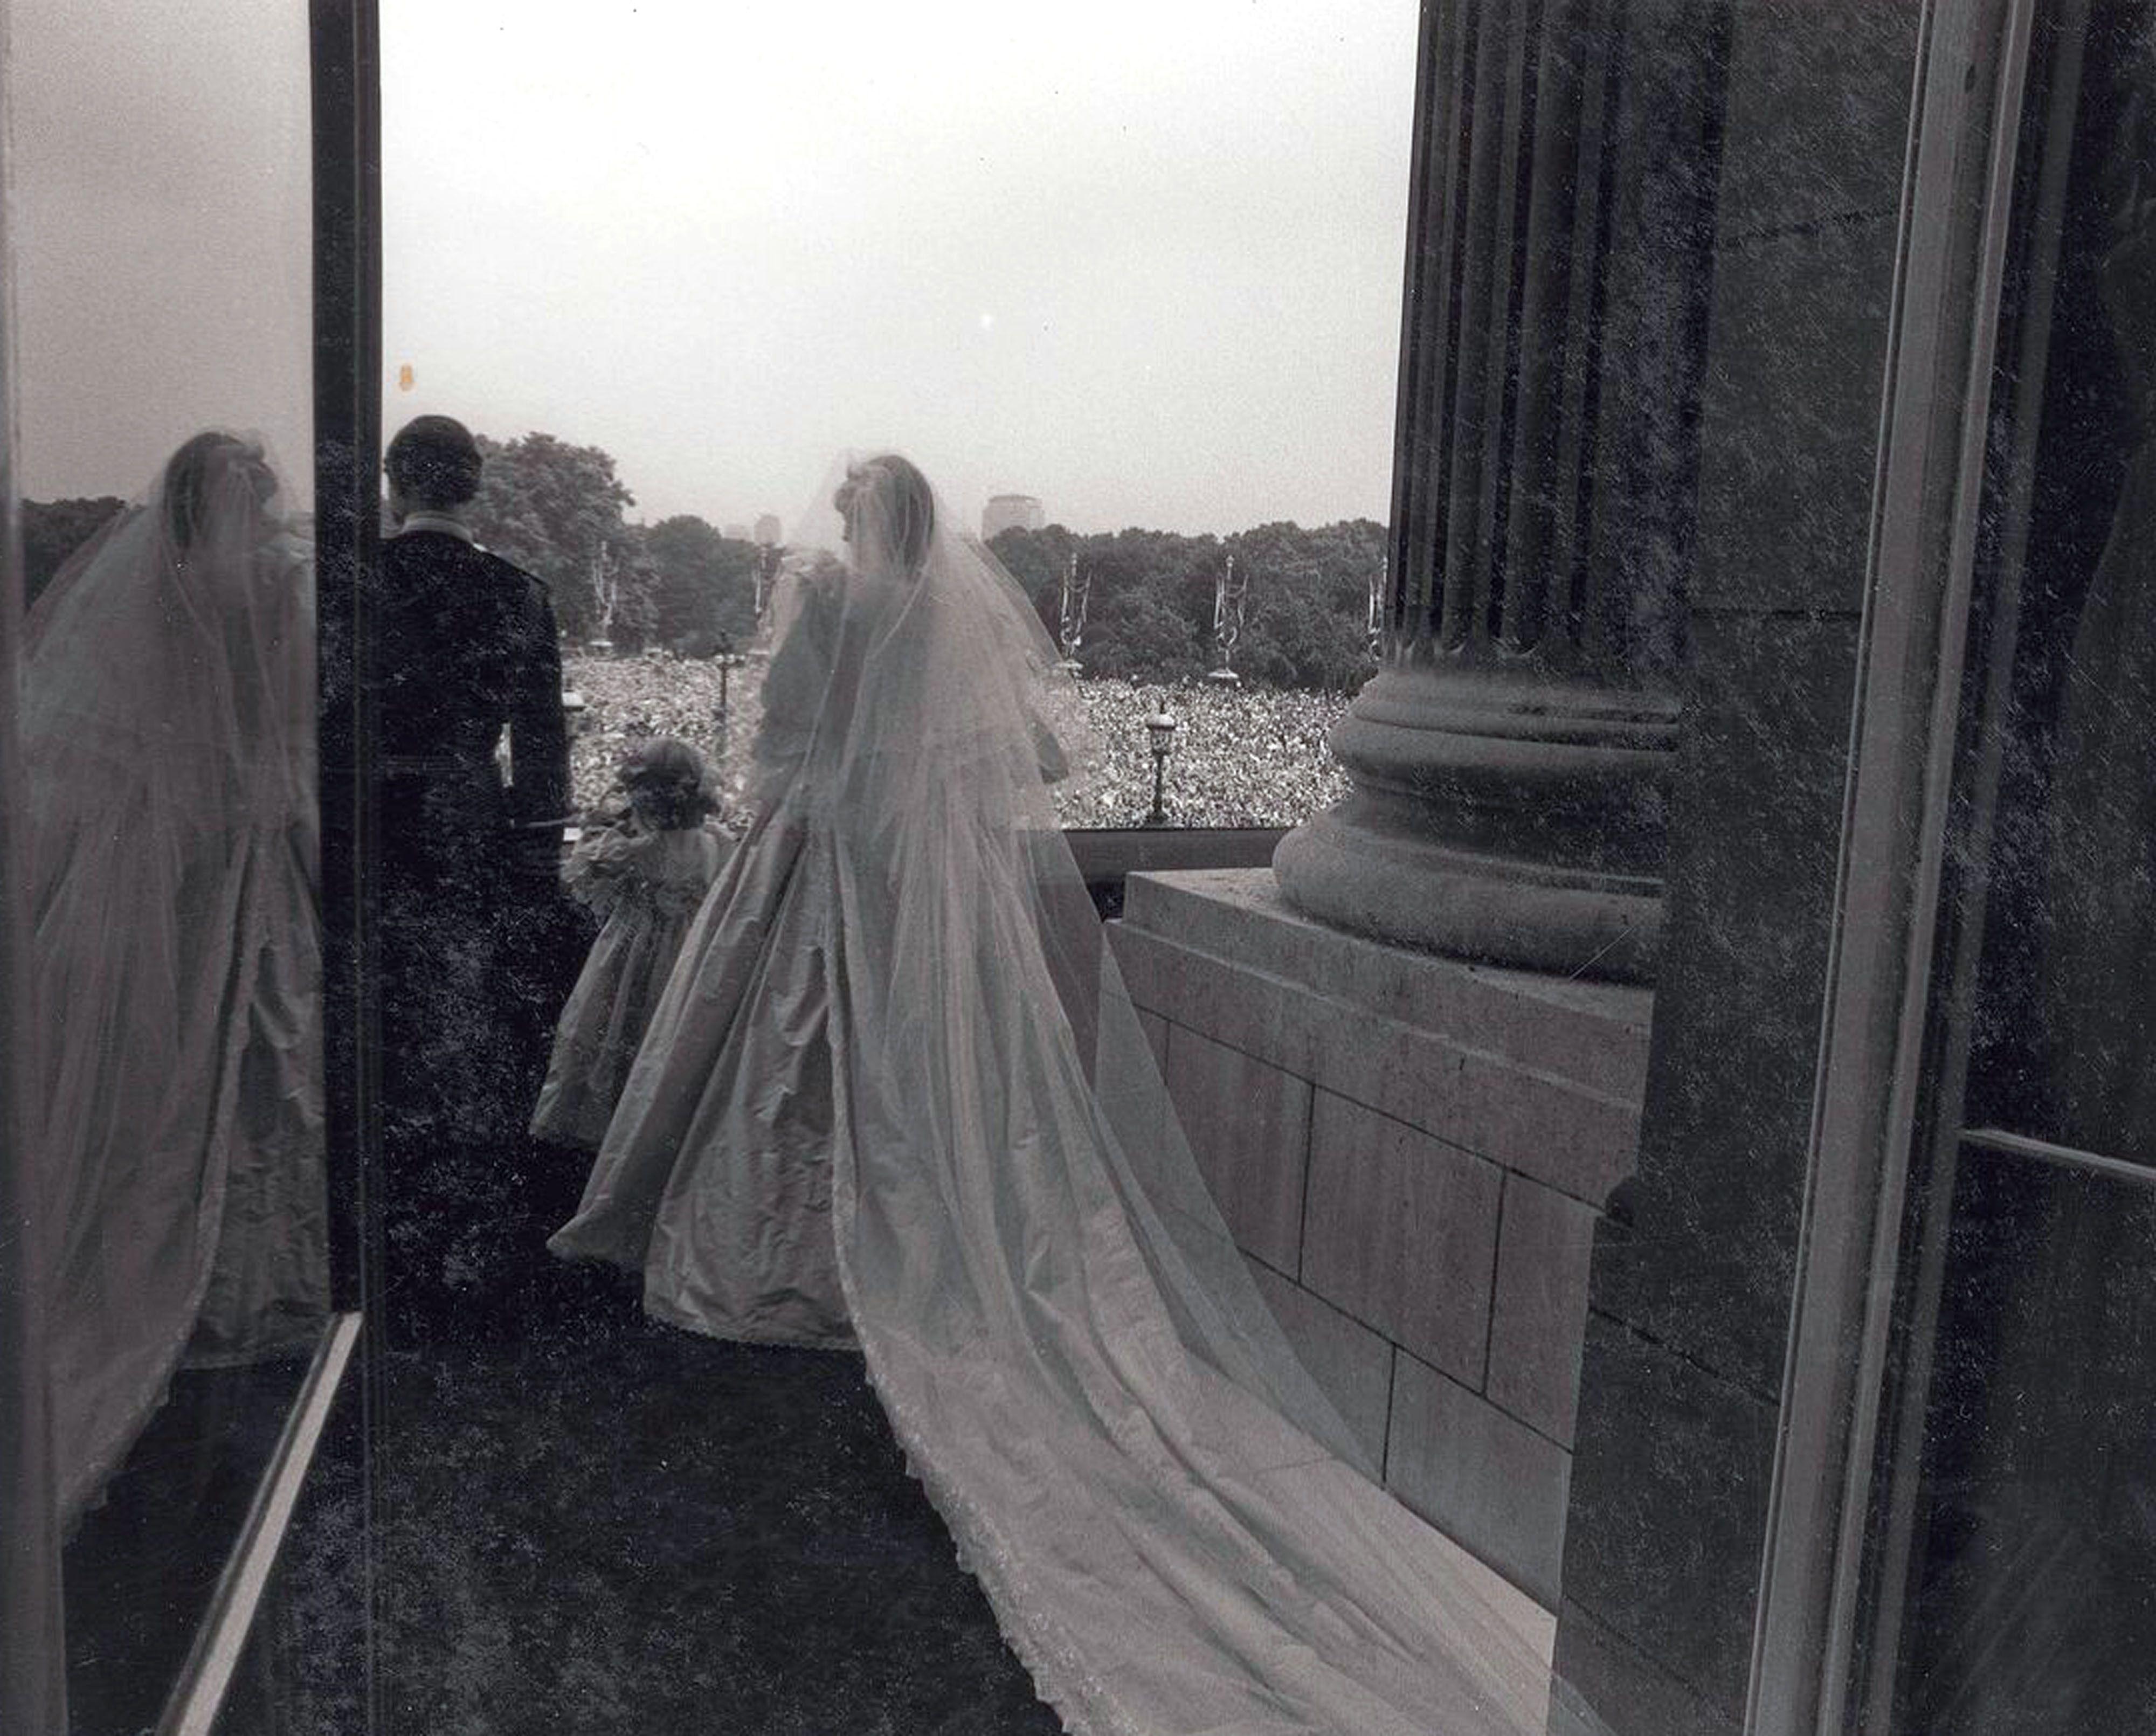 imagens raras do casamento de charles e diana vao a leilao casamento da princesa diana princesa diana vestido de noiva da princesa diana casamento da princesa diana